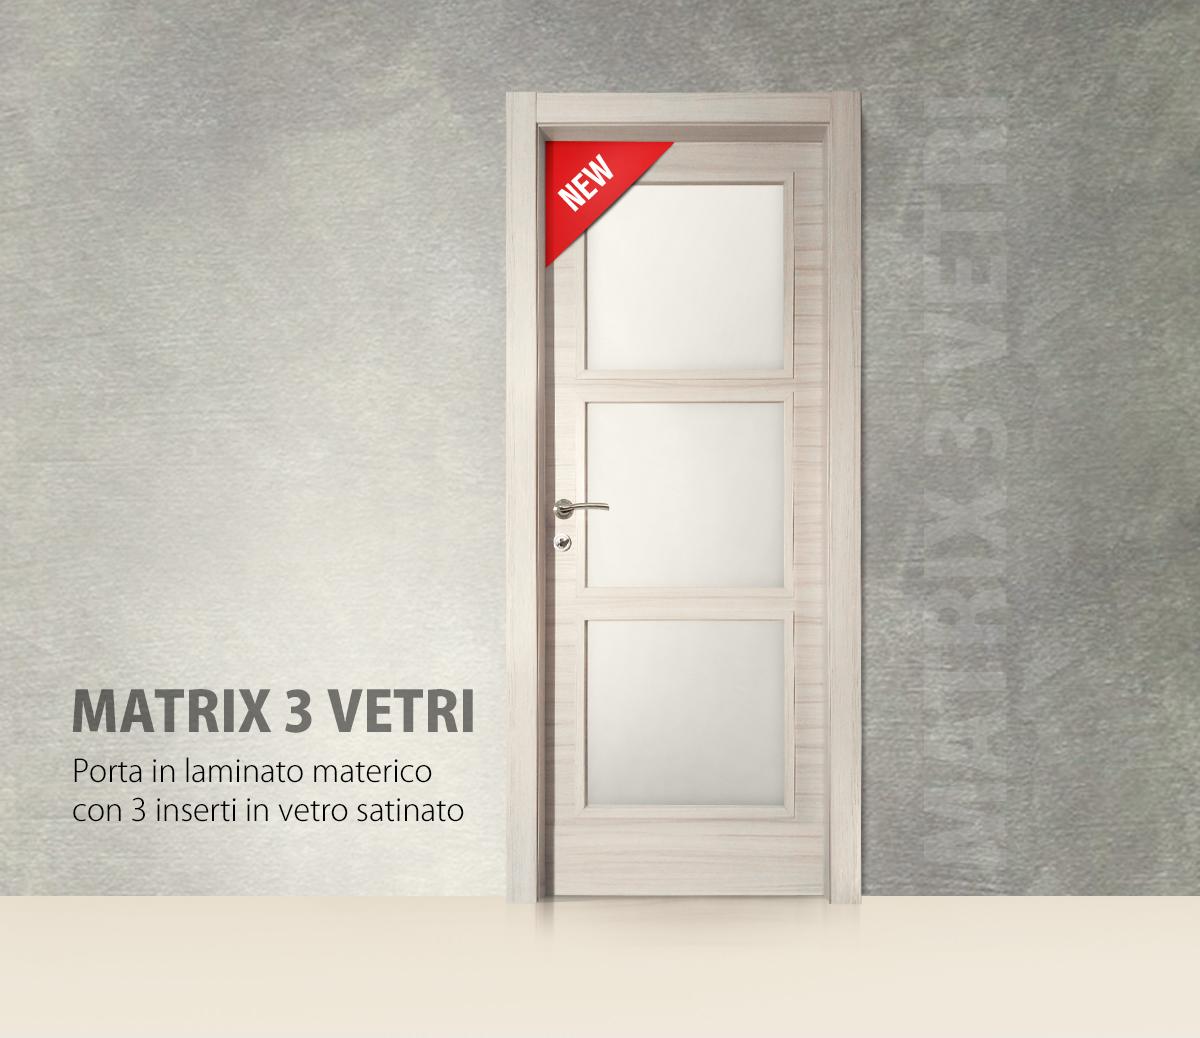 Porte Con Vetro Satinato porta matrix 3 vetri | nuovo modello di pota 2018 | gruppo